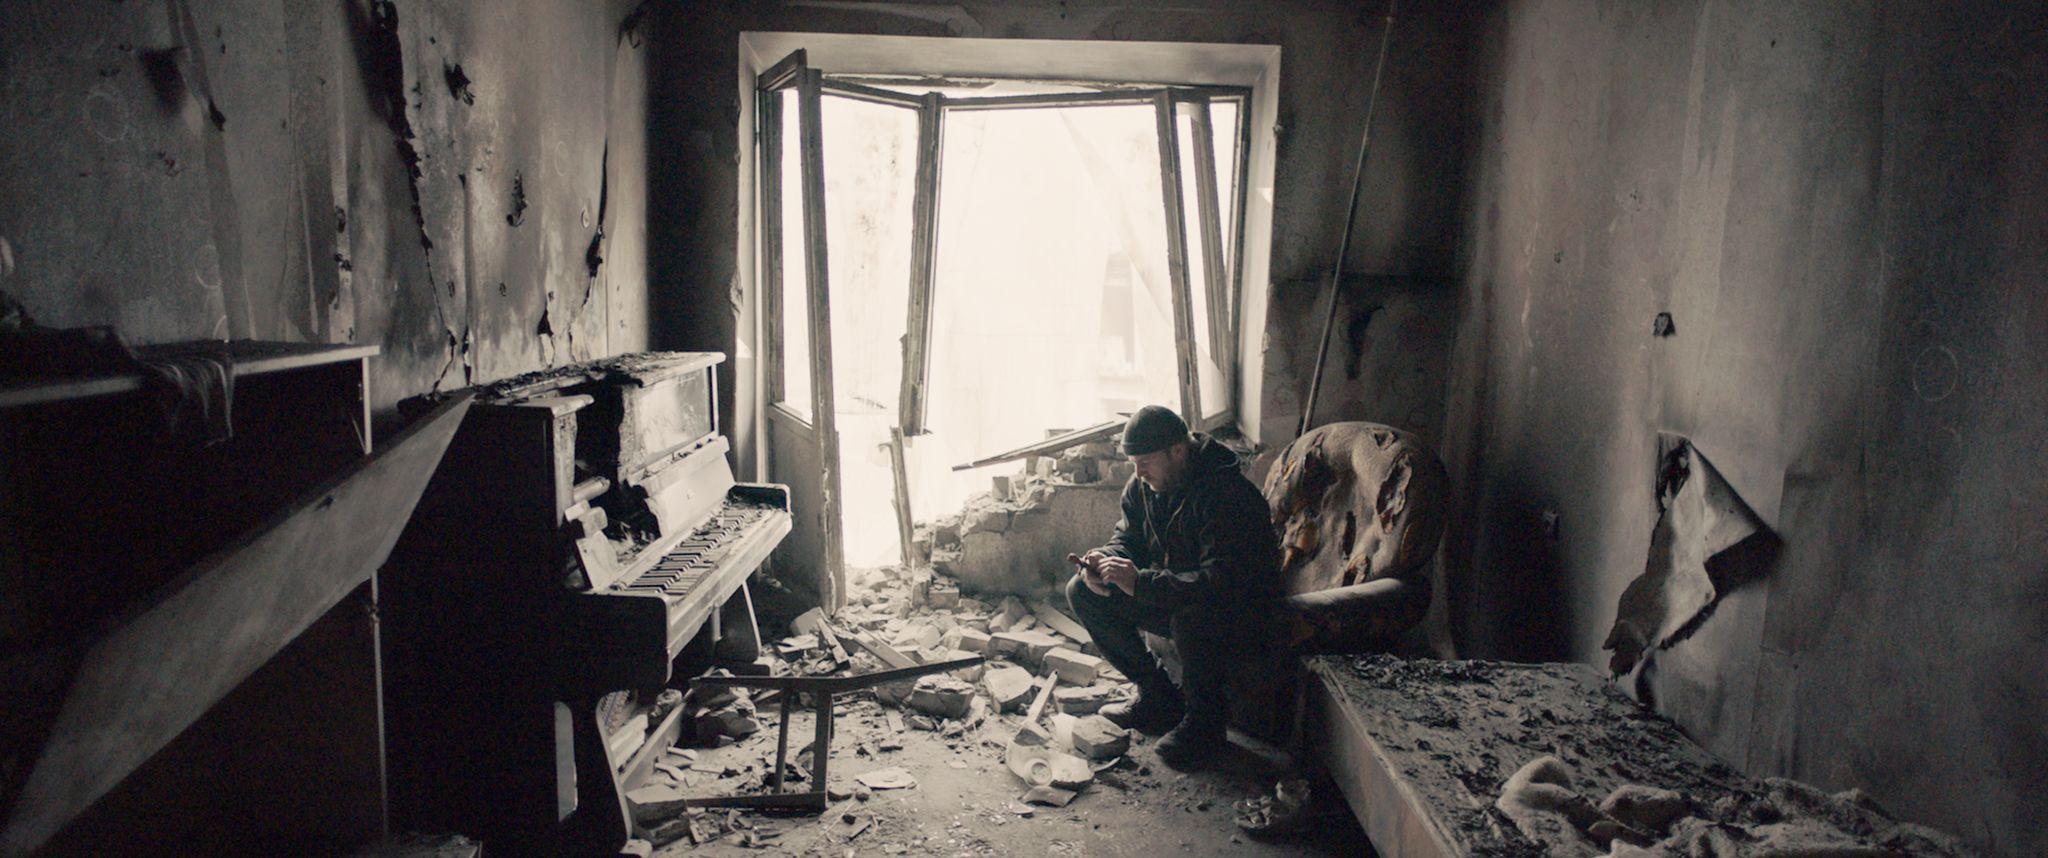 atlantis movie 2019 ukraine